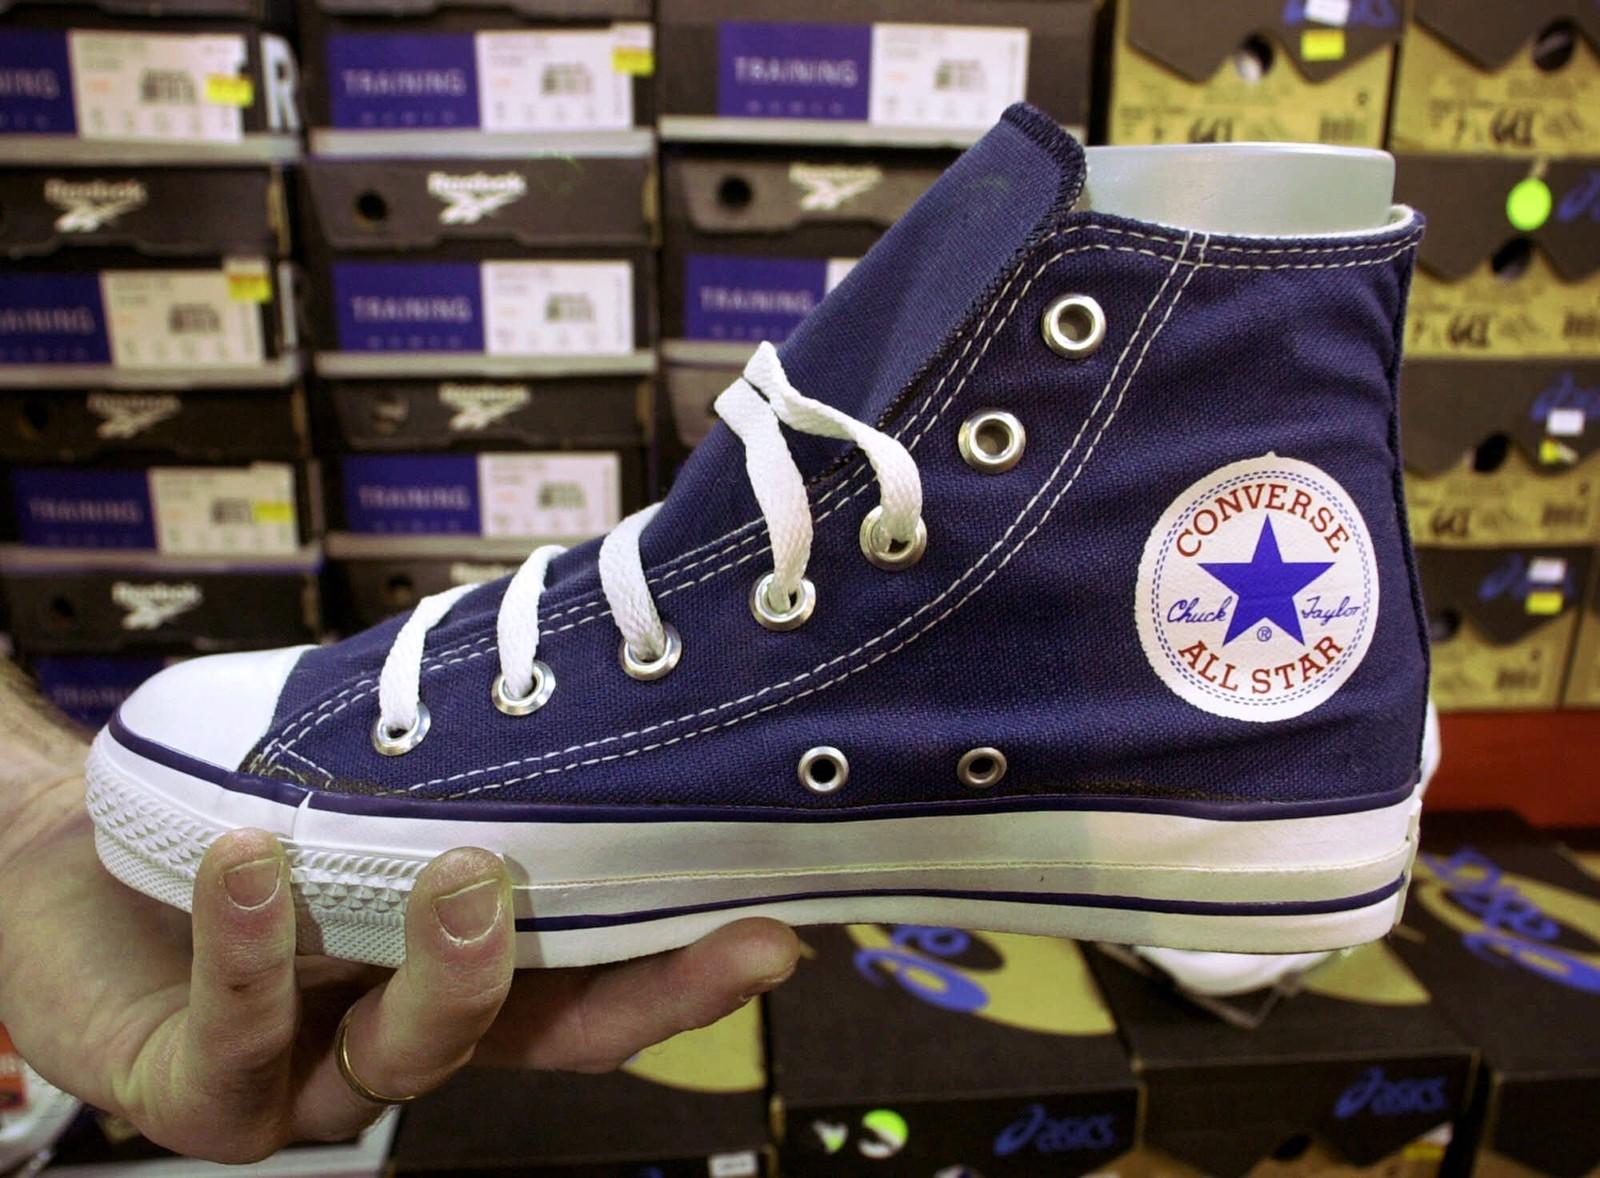 ORIGINALEN: Chuck Taylor-skoen har sett mer eller mindre identisk ut siden lanseringen i 1917. Den velkjente svarte og hvite utgaven kom først på markedet etter andre verdenskrig.